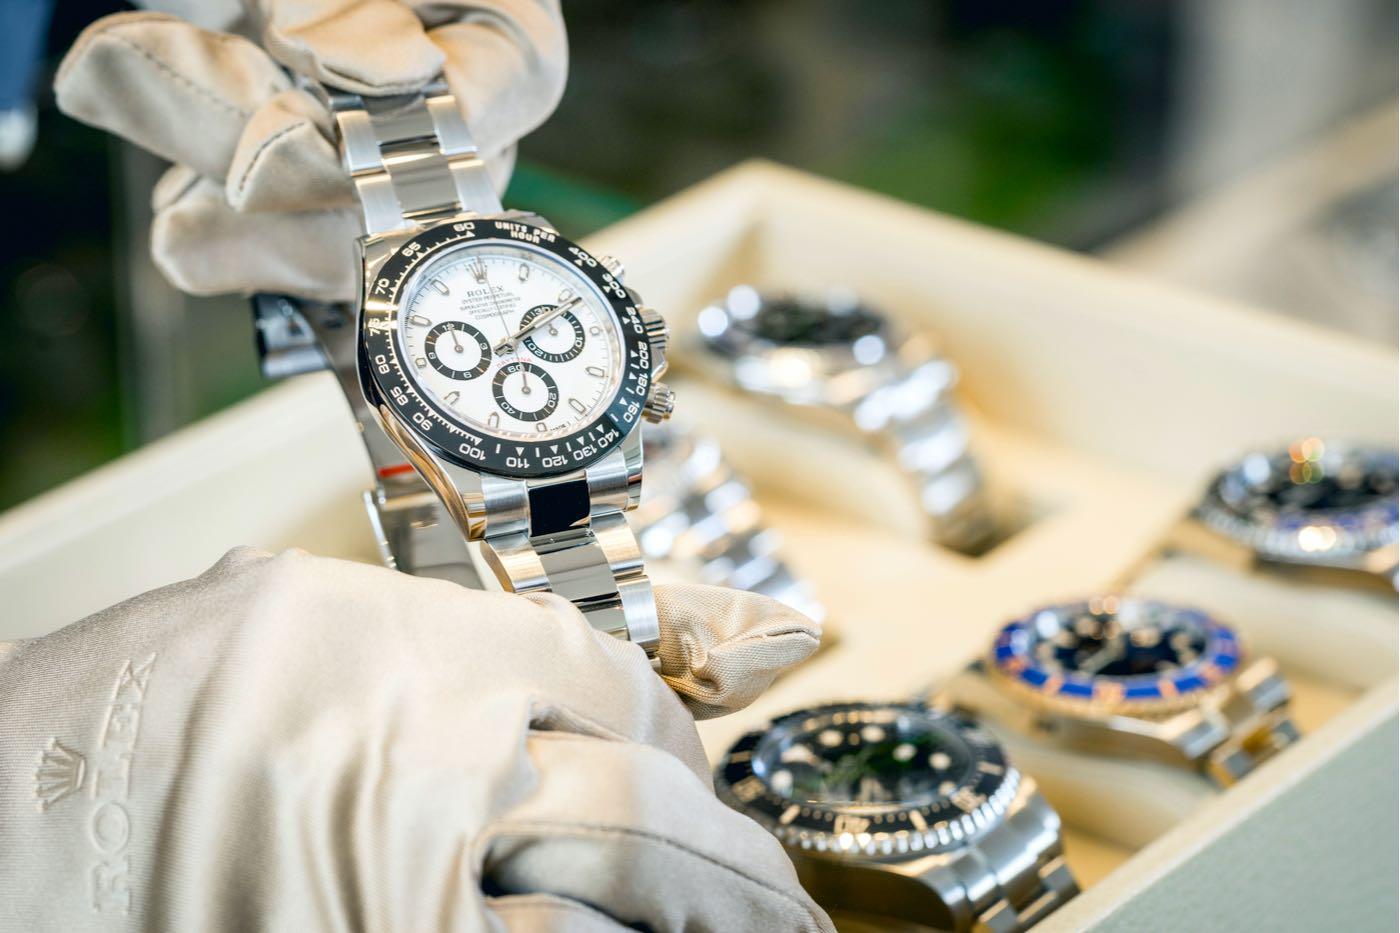 Cómo Rolex se convirtió en la marca de relojes de lujo #1 del mundo.